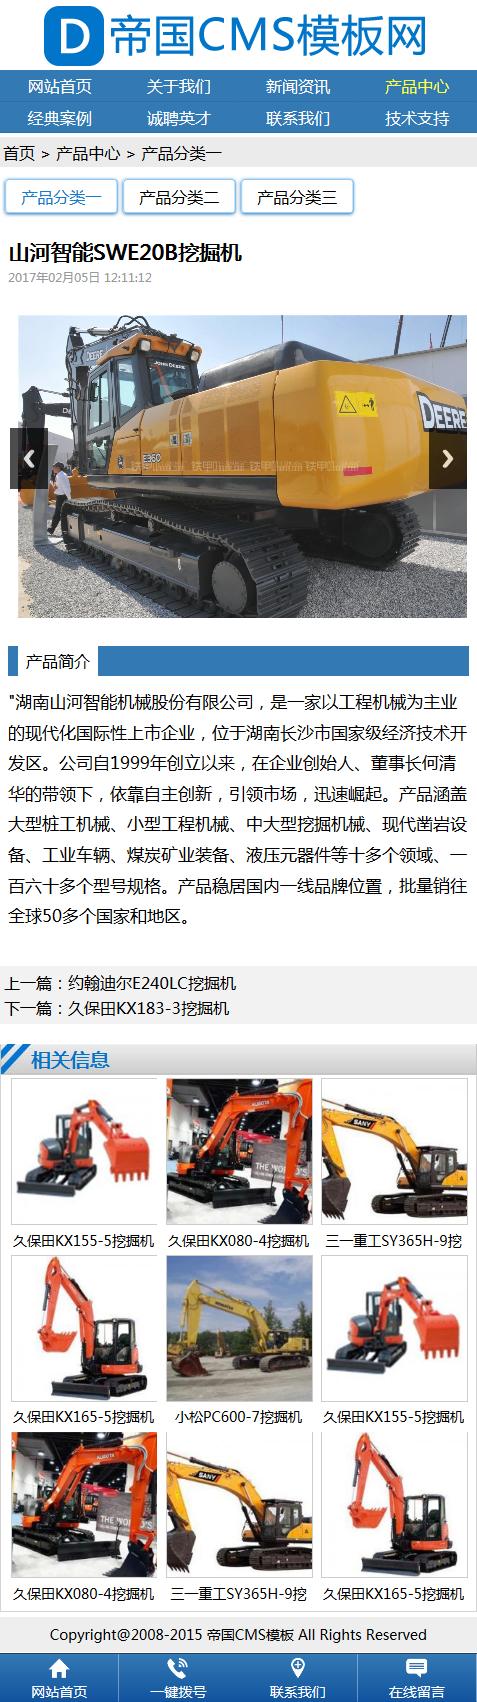 帝国cms企业手机模板蓝色通用型手机wap模板_产品内容模板